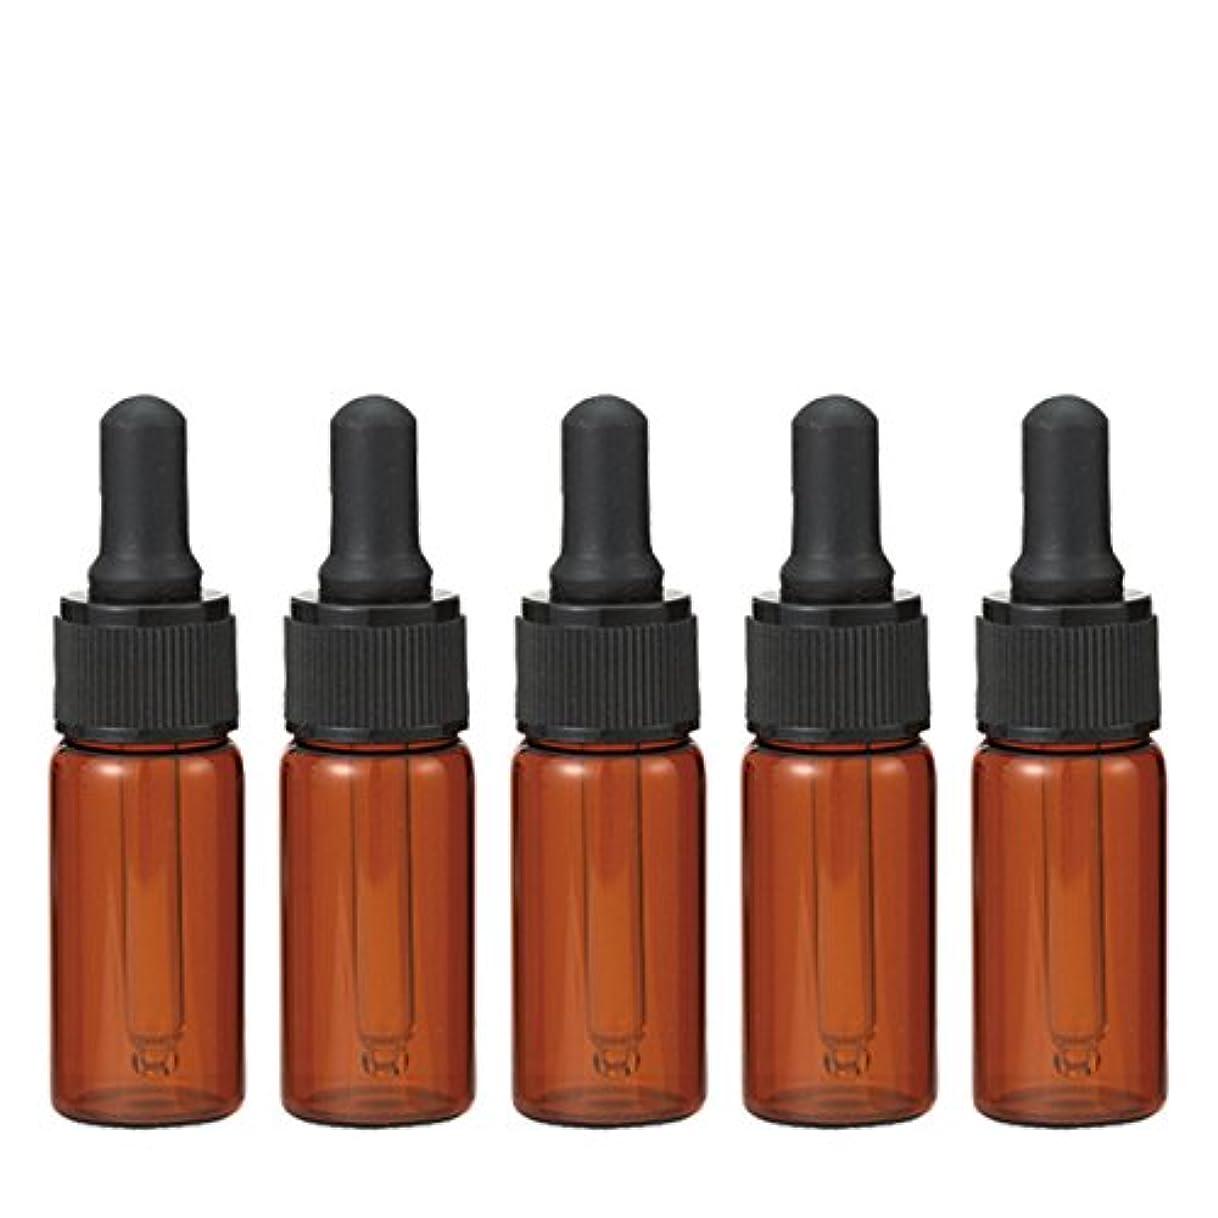 姪過ちミサイル生活の木 茶色遮光スポイト瓶 10ml (5本セット)